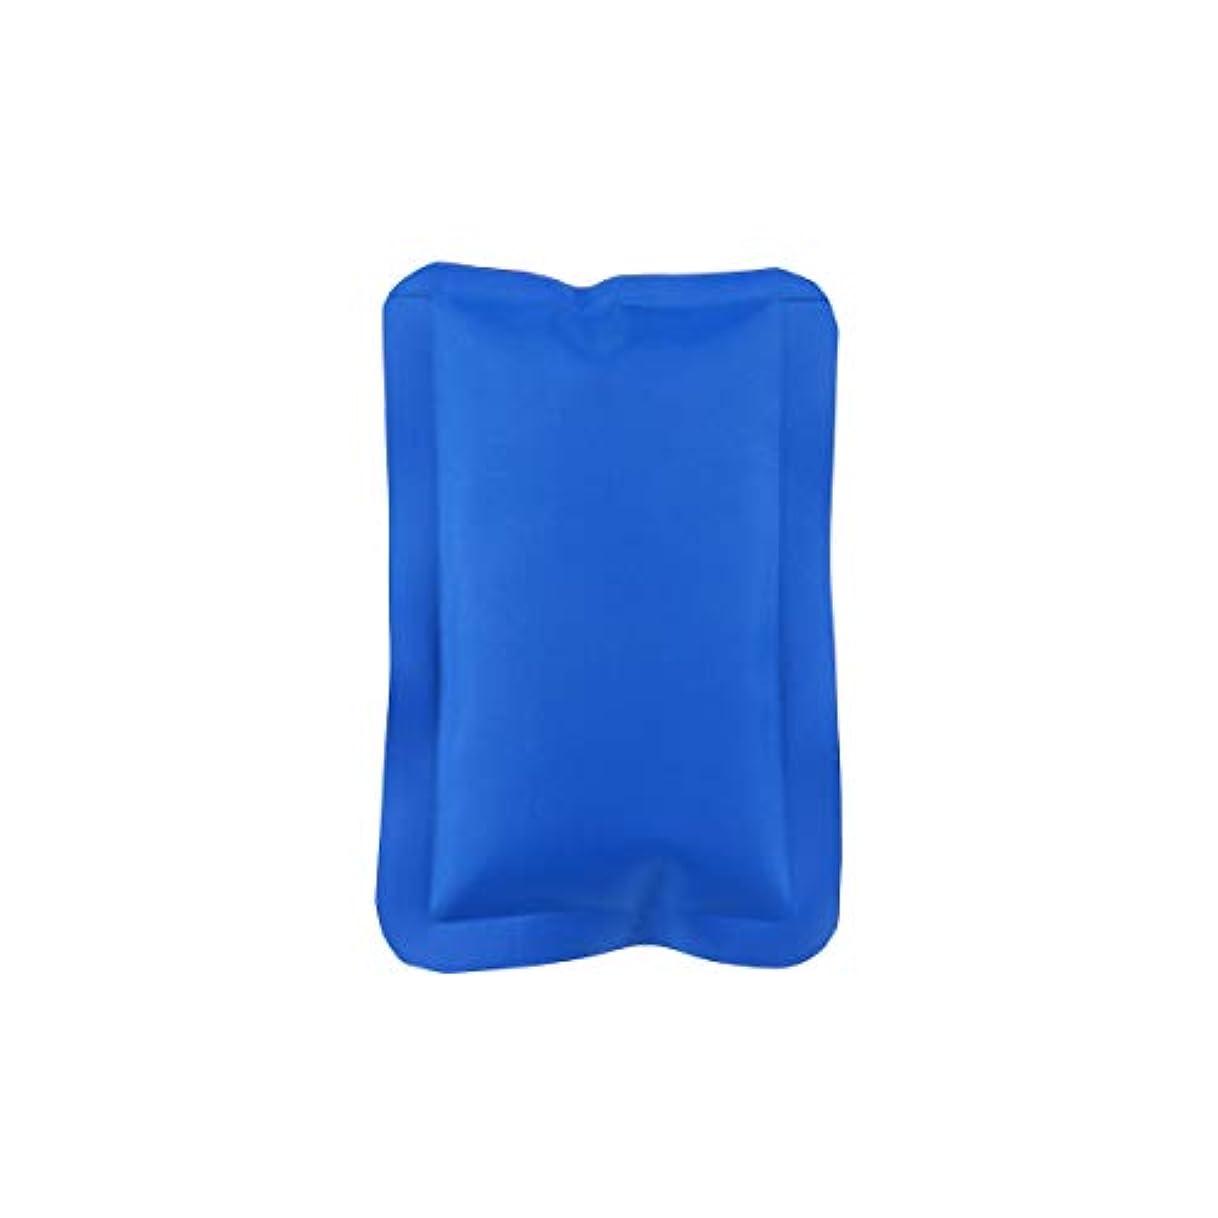 居住者問い合わせ発明するHEALLILY 150ML再利用可能なホット&コールドジェルパック(コンプレッションラップスポーツ傷害)ジェルアイスパック多目的ヒートパック(マッスルリリーフ用、16x10x1cm、ブルー)